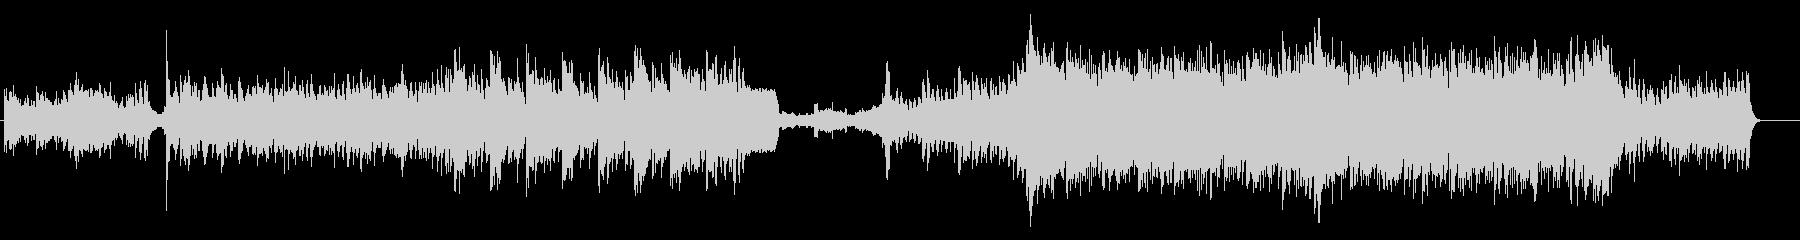 TITAN メロディーなしVerの未再生の波形